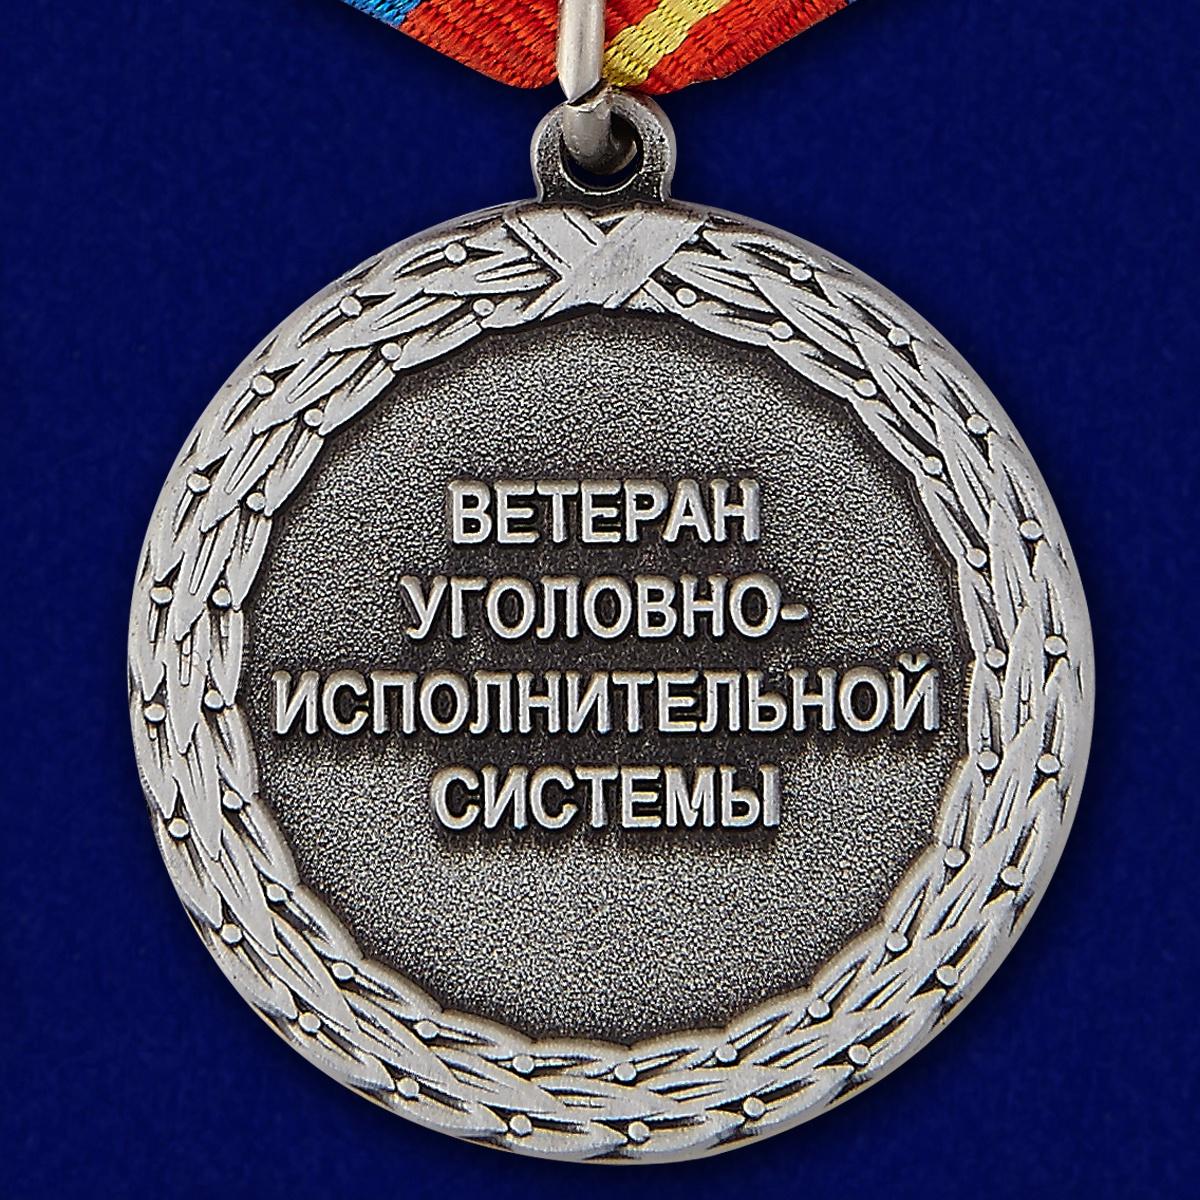 купить медаль Ветеран уголовно-исполнительной системы в футляре из флока с доставкой